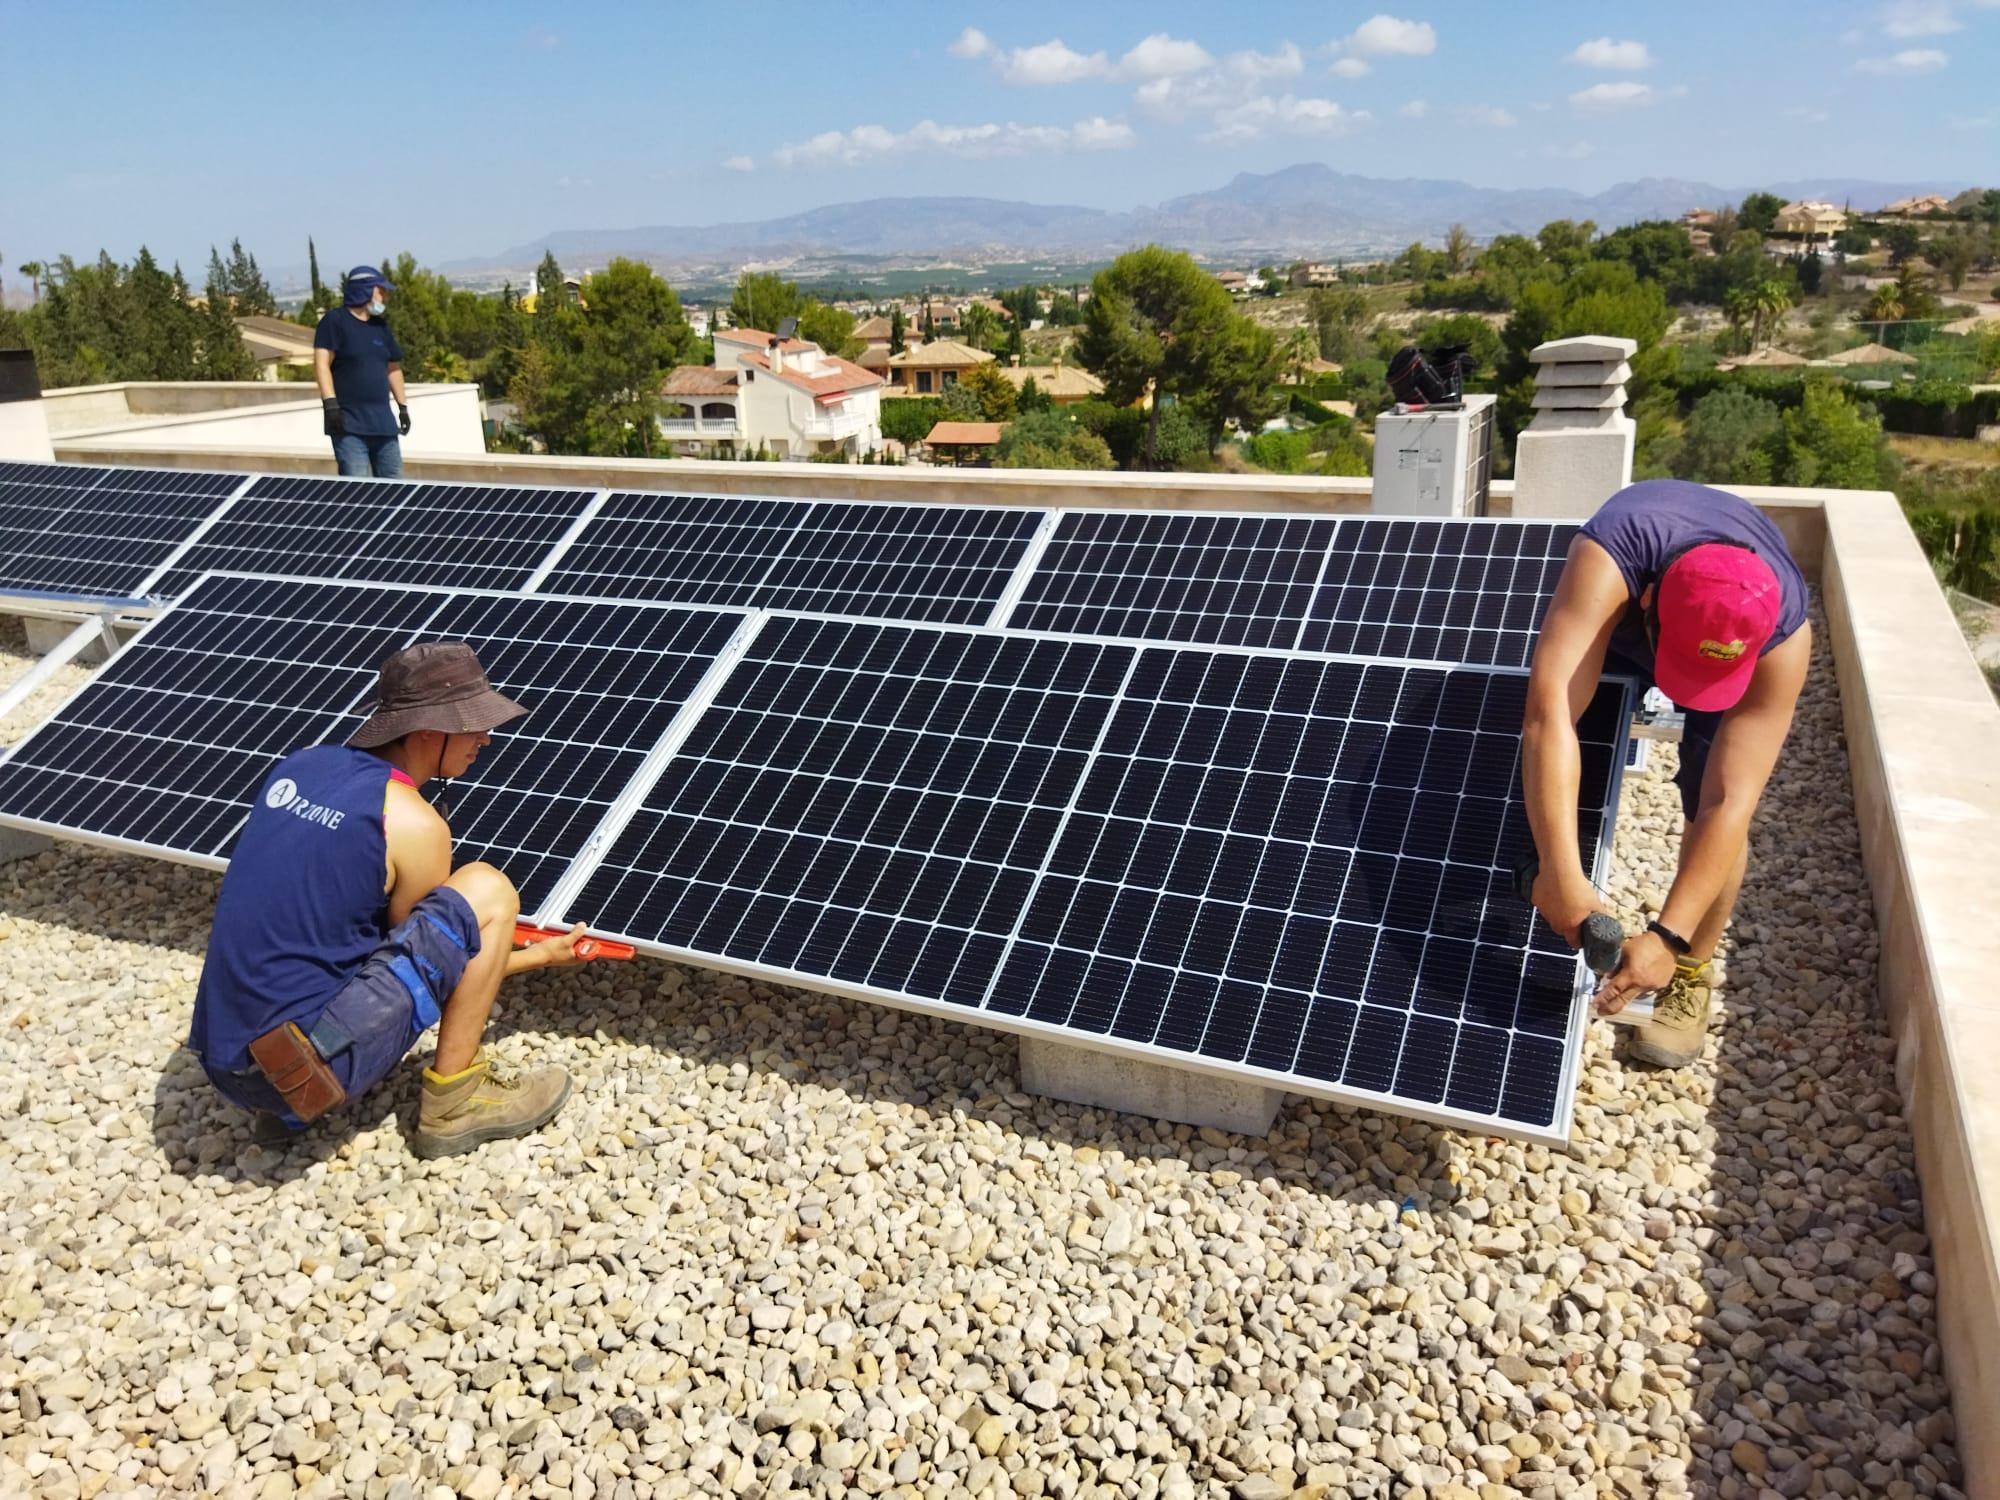 Estudio de producción fotovoltaica para autoconsumo